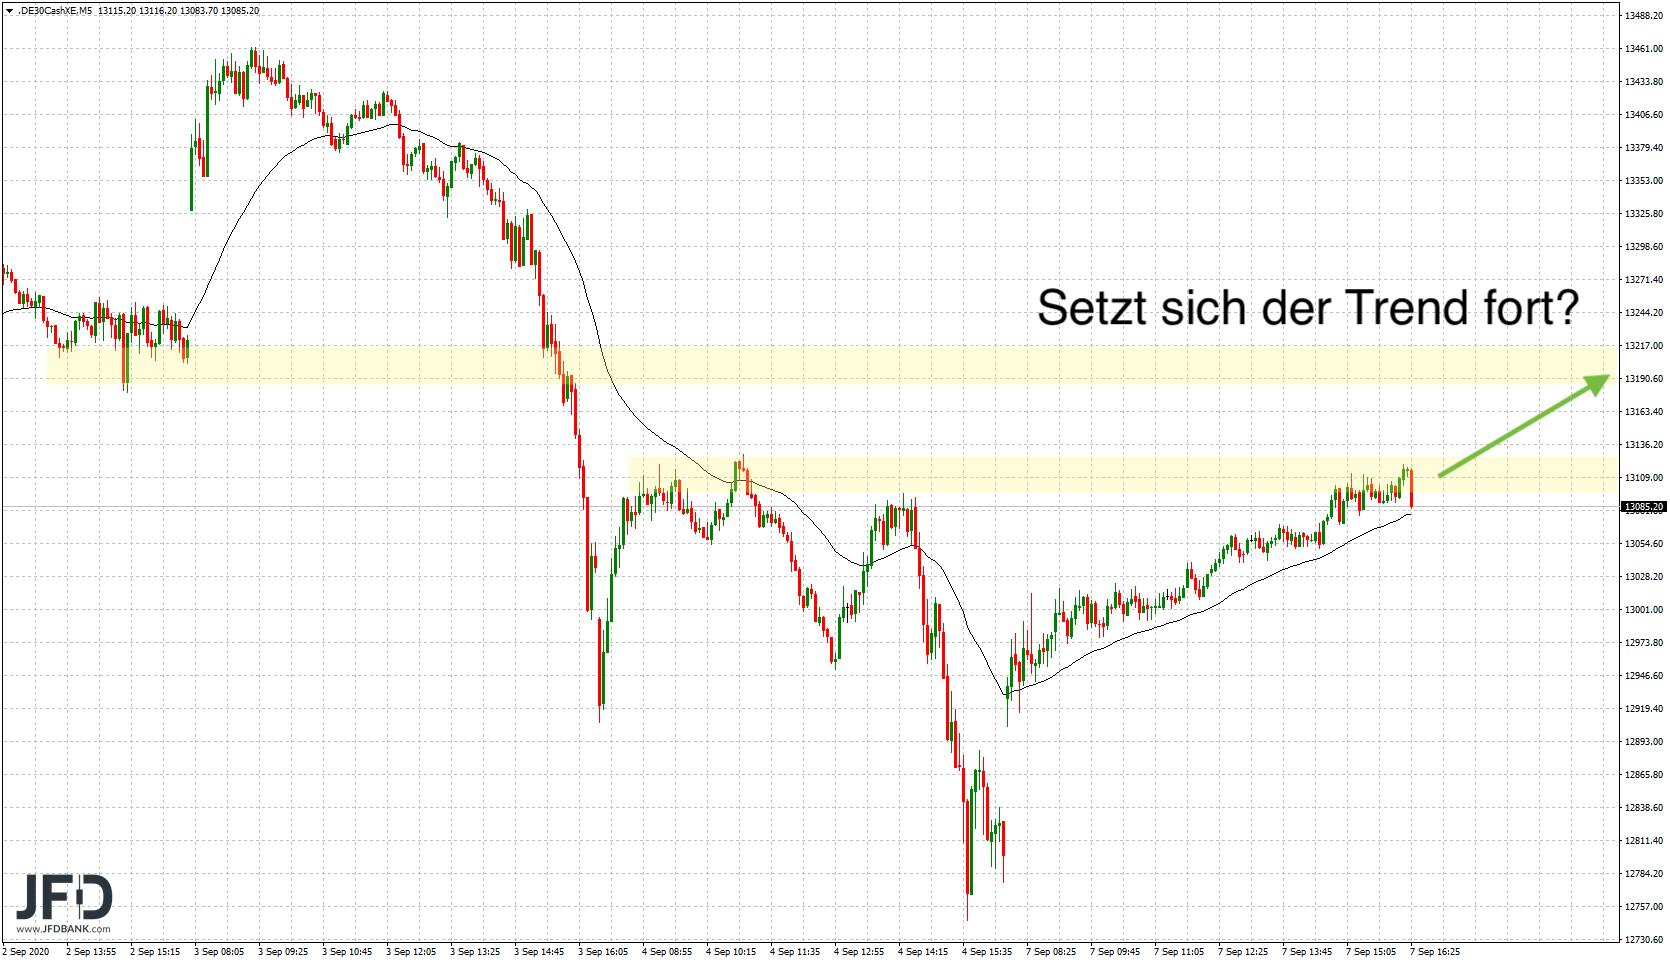 DAX-ohne-Wall-Street-entfesselt-Kommentar-JFD-Bank-GodmodeTrader.de-4